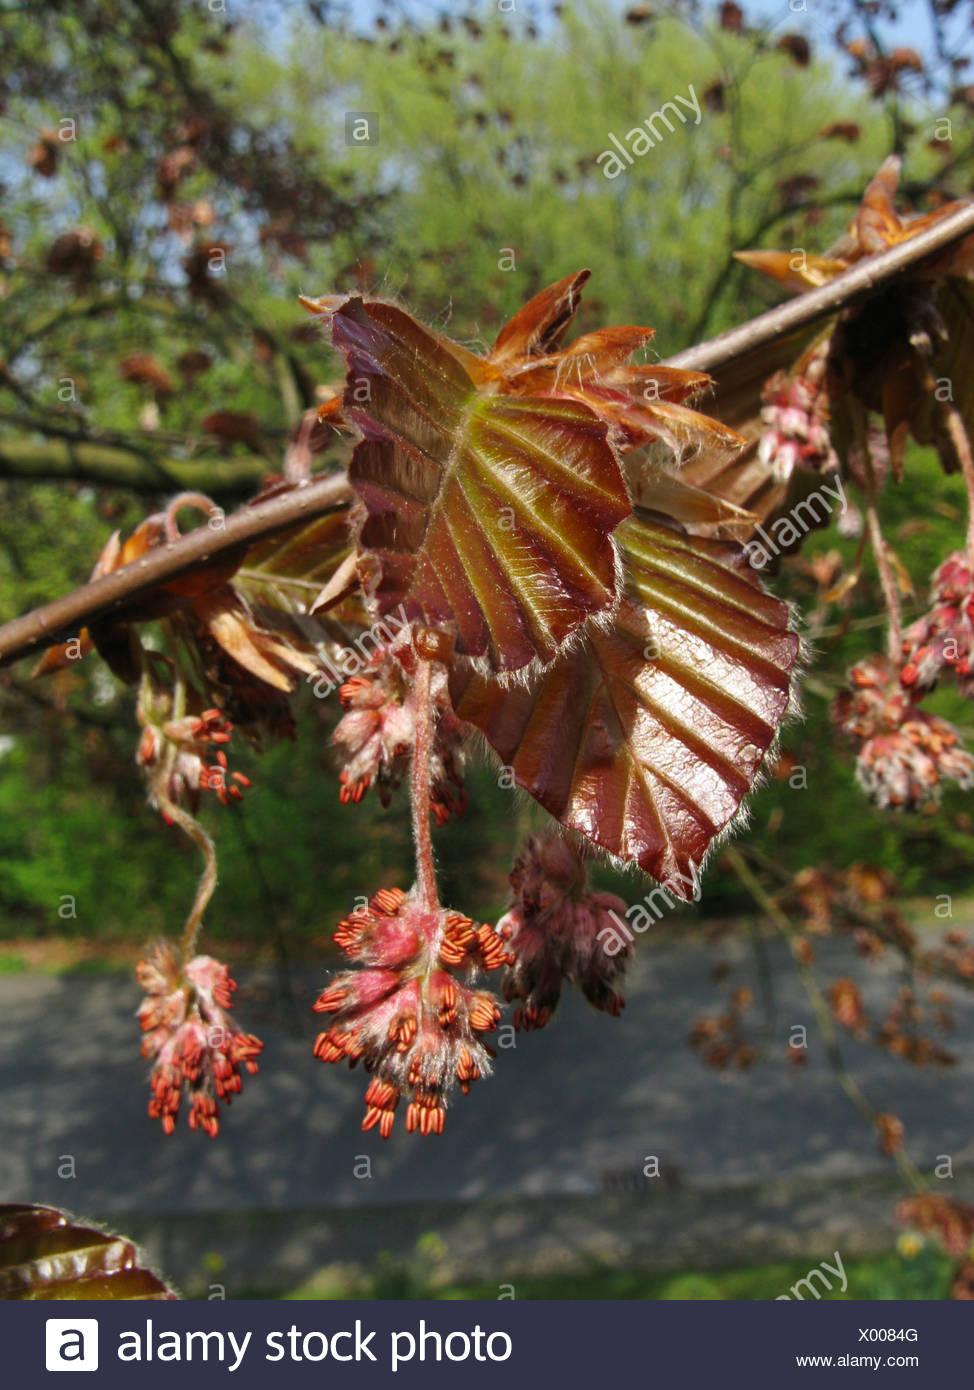 copper beech (Fagus sylvatica var. purpurea, Fagus sylvatica 'Atropunicea', Fagus sylvatica Atropunicea), male inflorescences, Germany - Stock Image